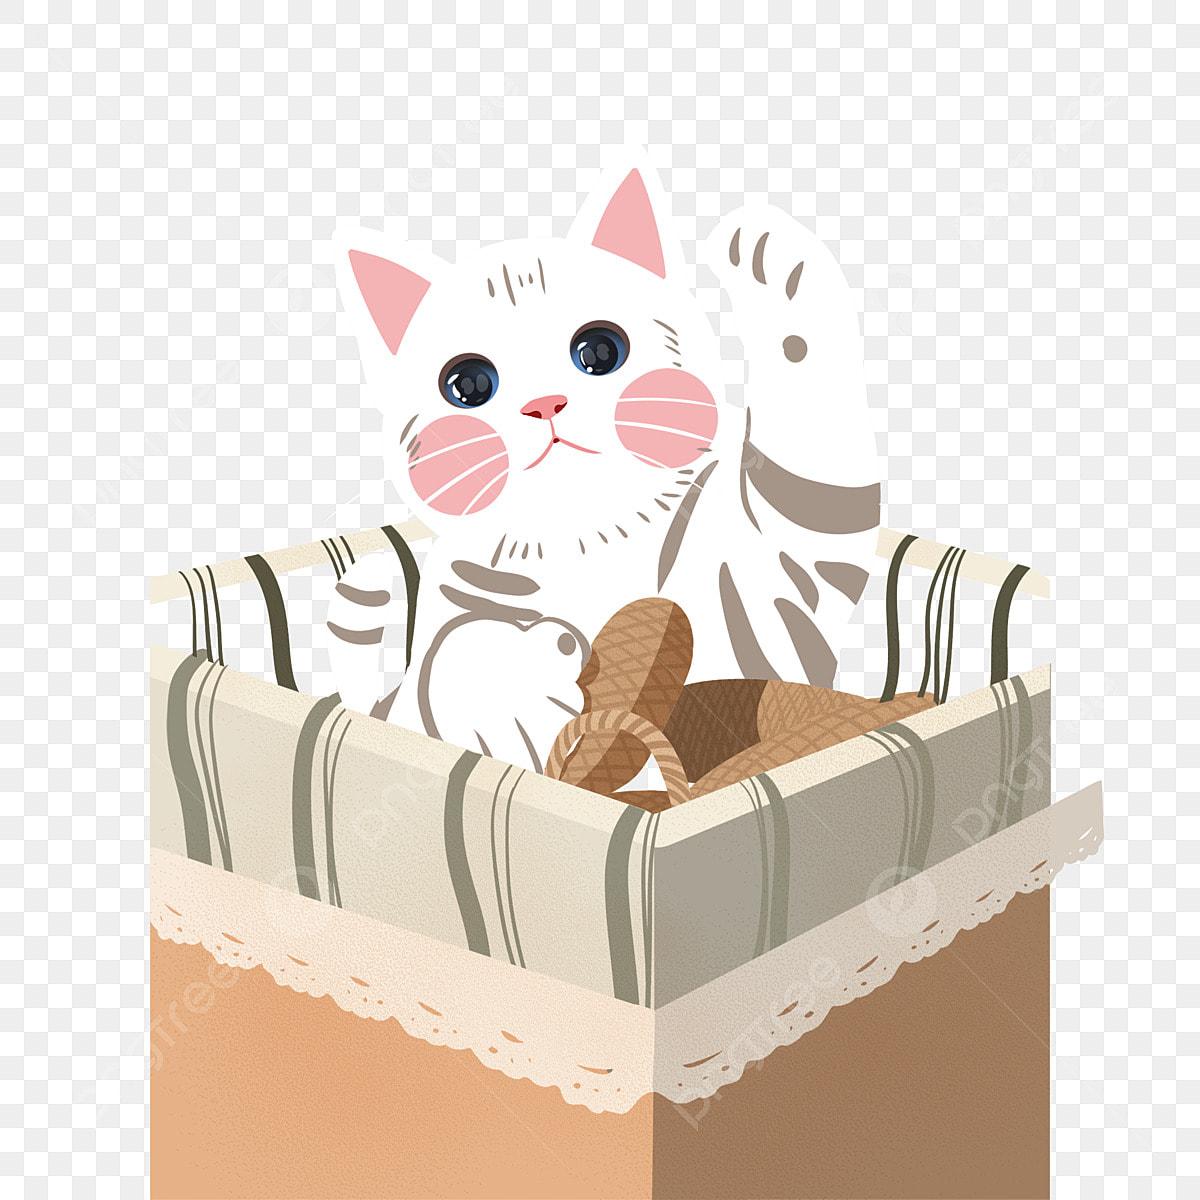 Gambar Tangan Ditarik Ilustrasi Anak Kucing Haiwan Tangan Ditarik Anak Kucing Bakul Png Dan Psd Untuk Muat Turun Percuma